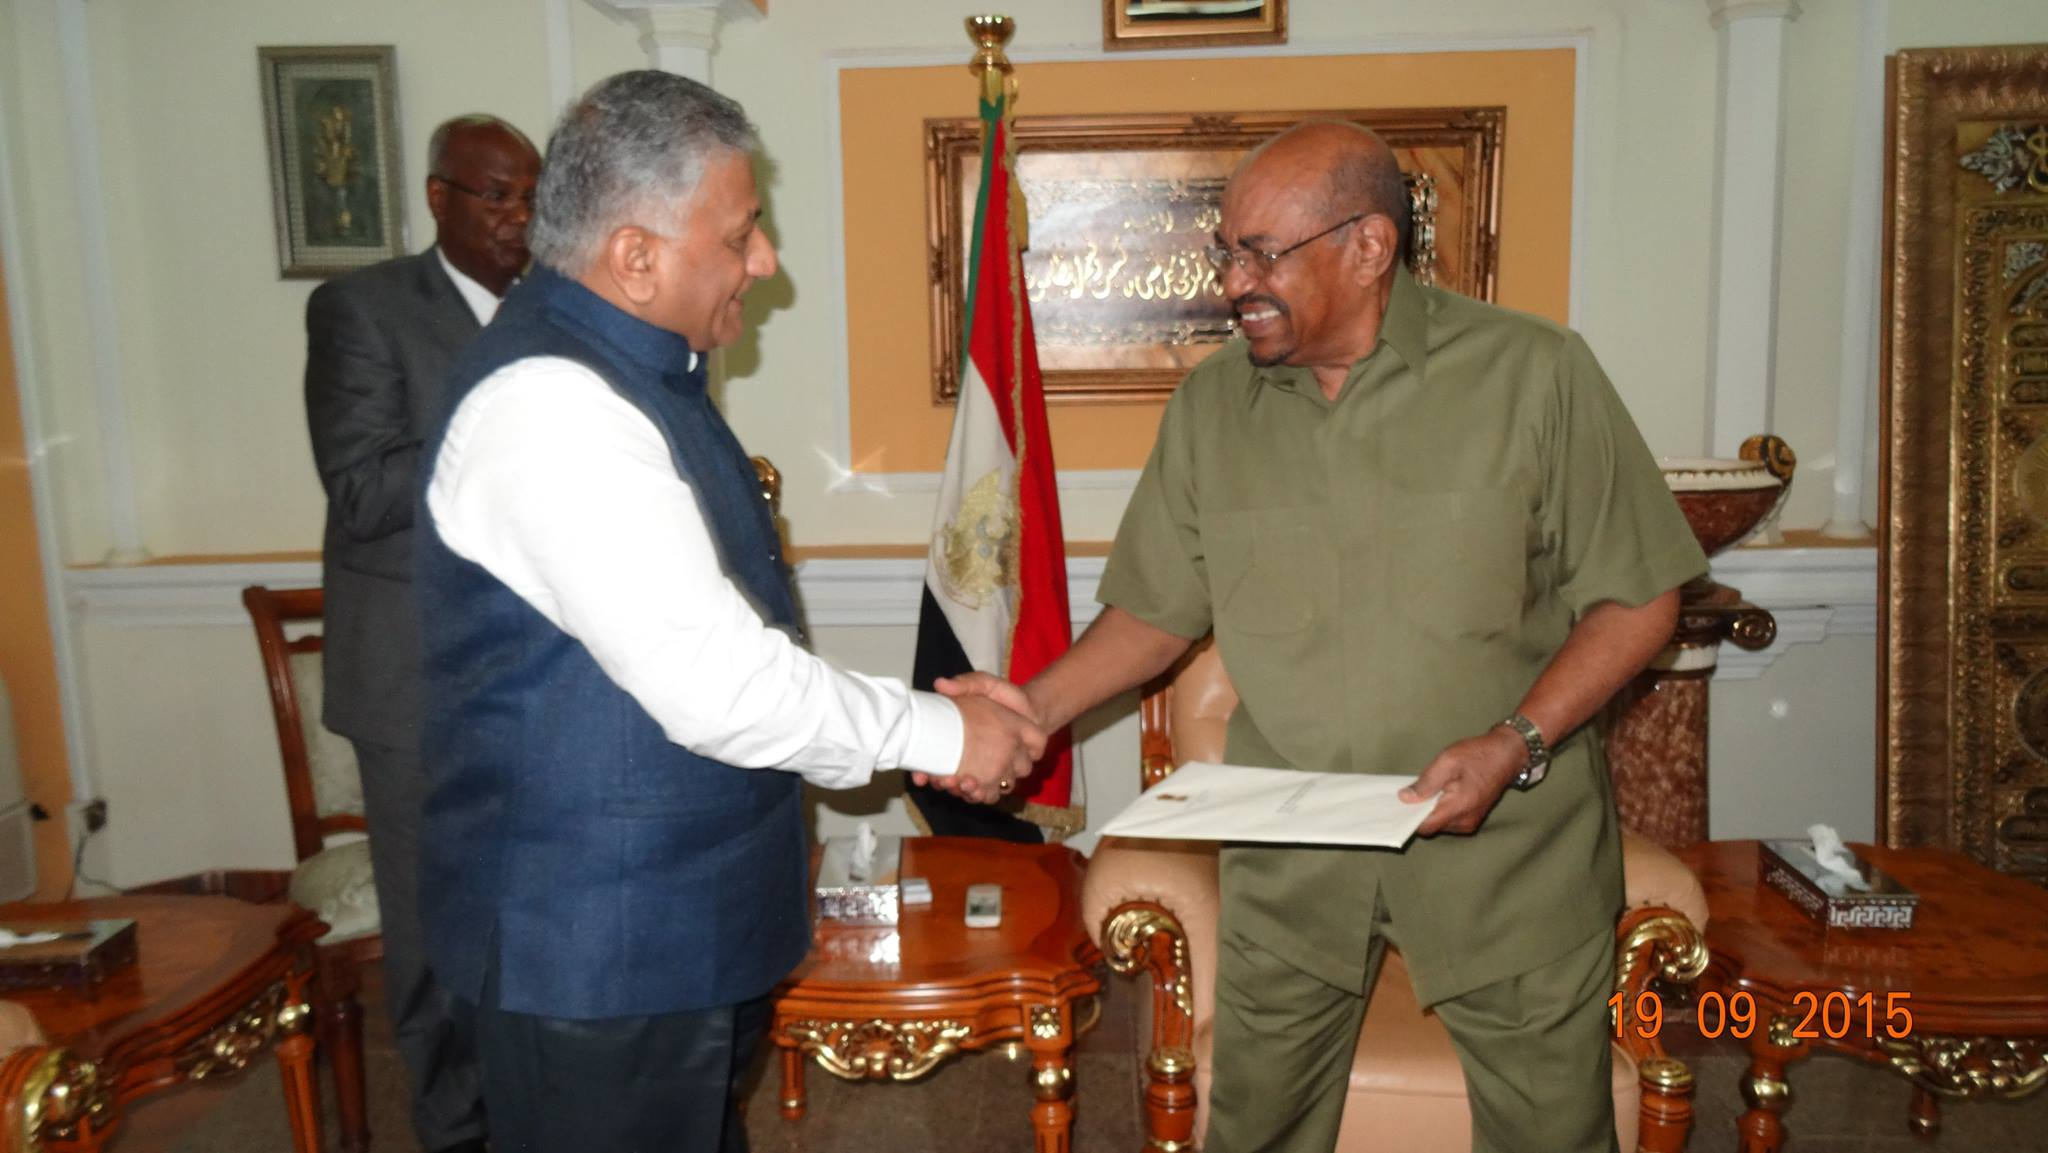 VK Singh Sudan Bashir